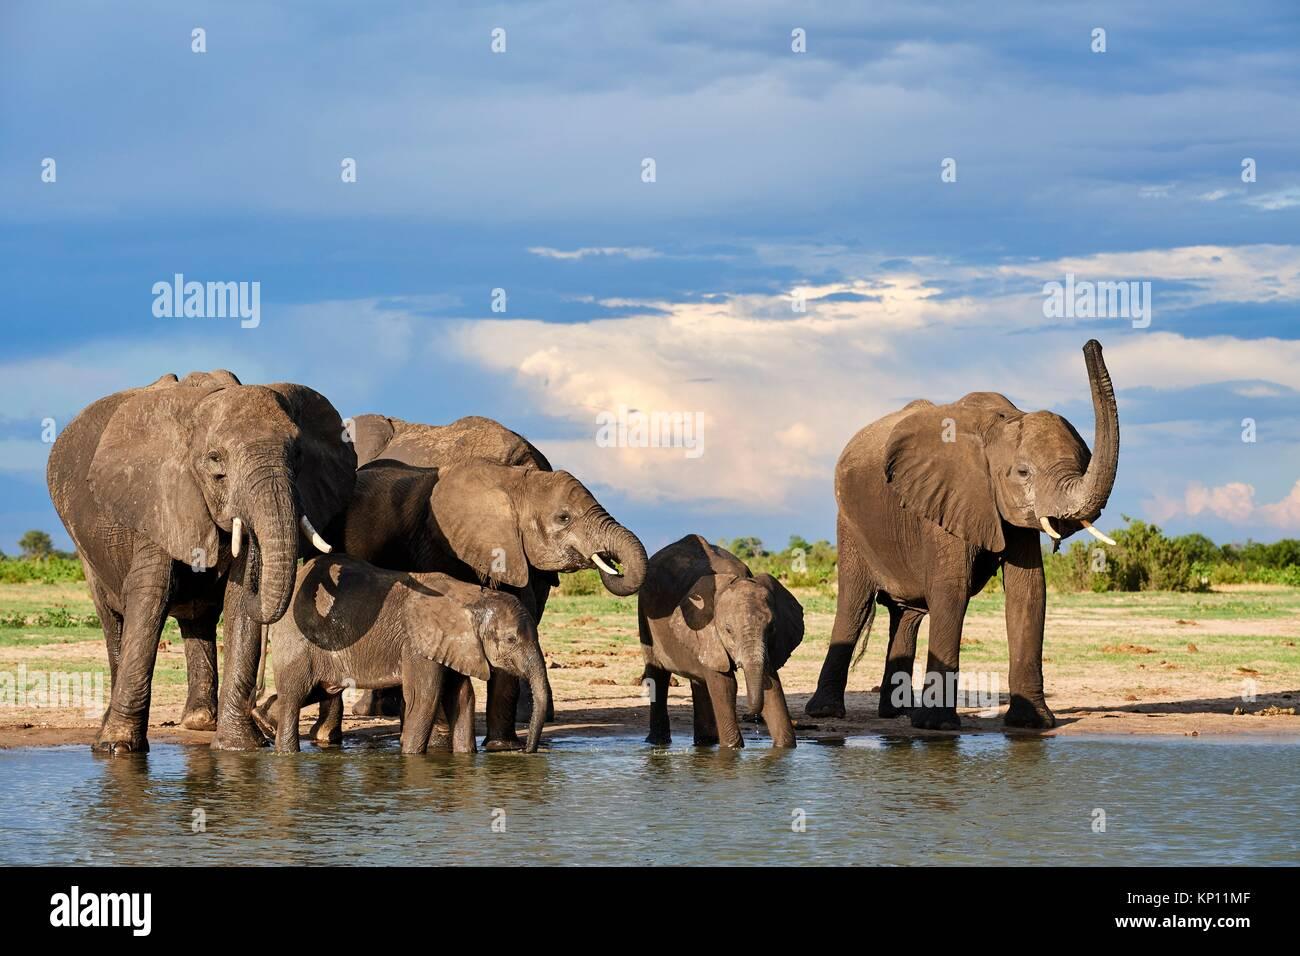 Afrikanischer Elefant (Loxodonta africana) Alkoholkonsum zu einem watehole. Hwange National Park, Zimbabwe. Stockbild